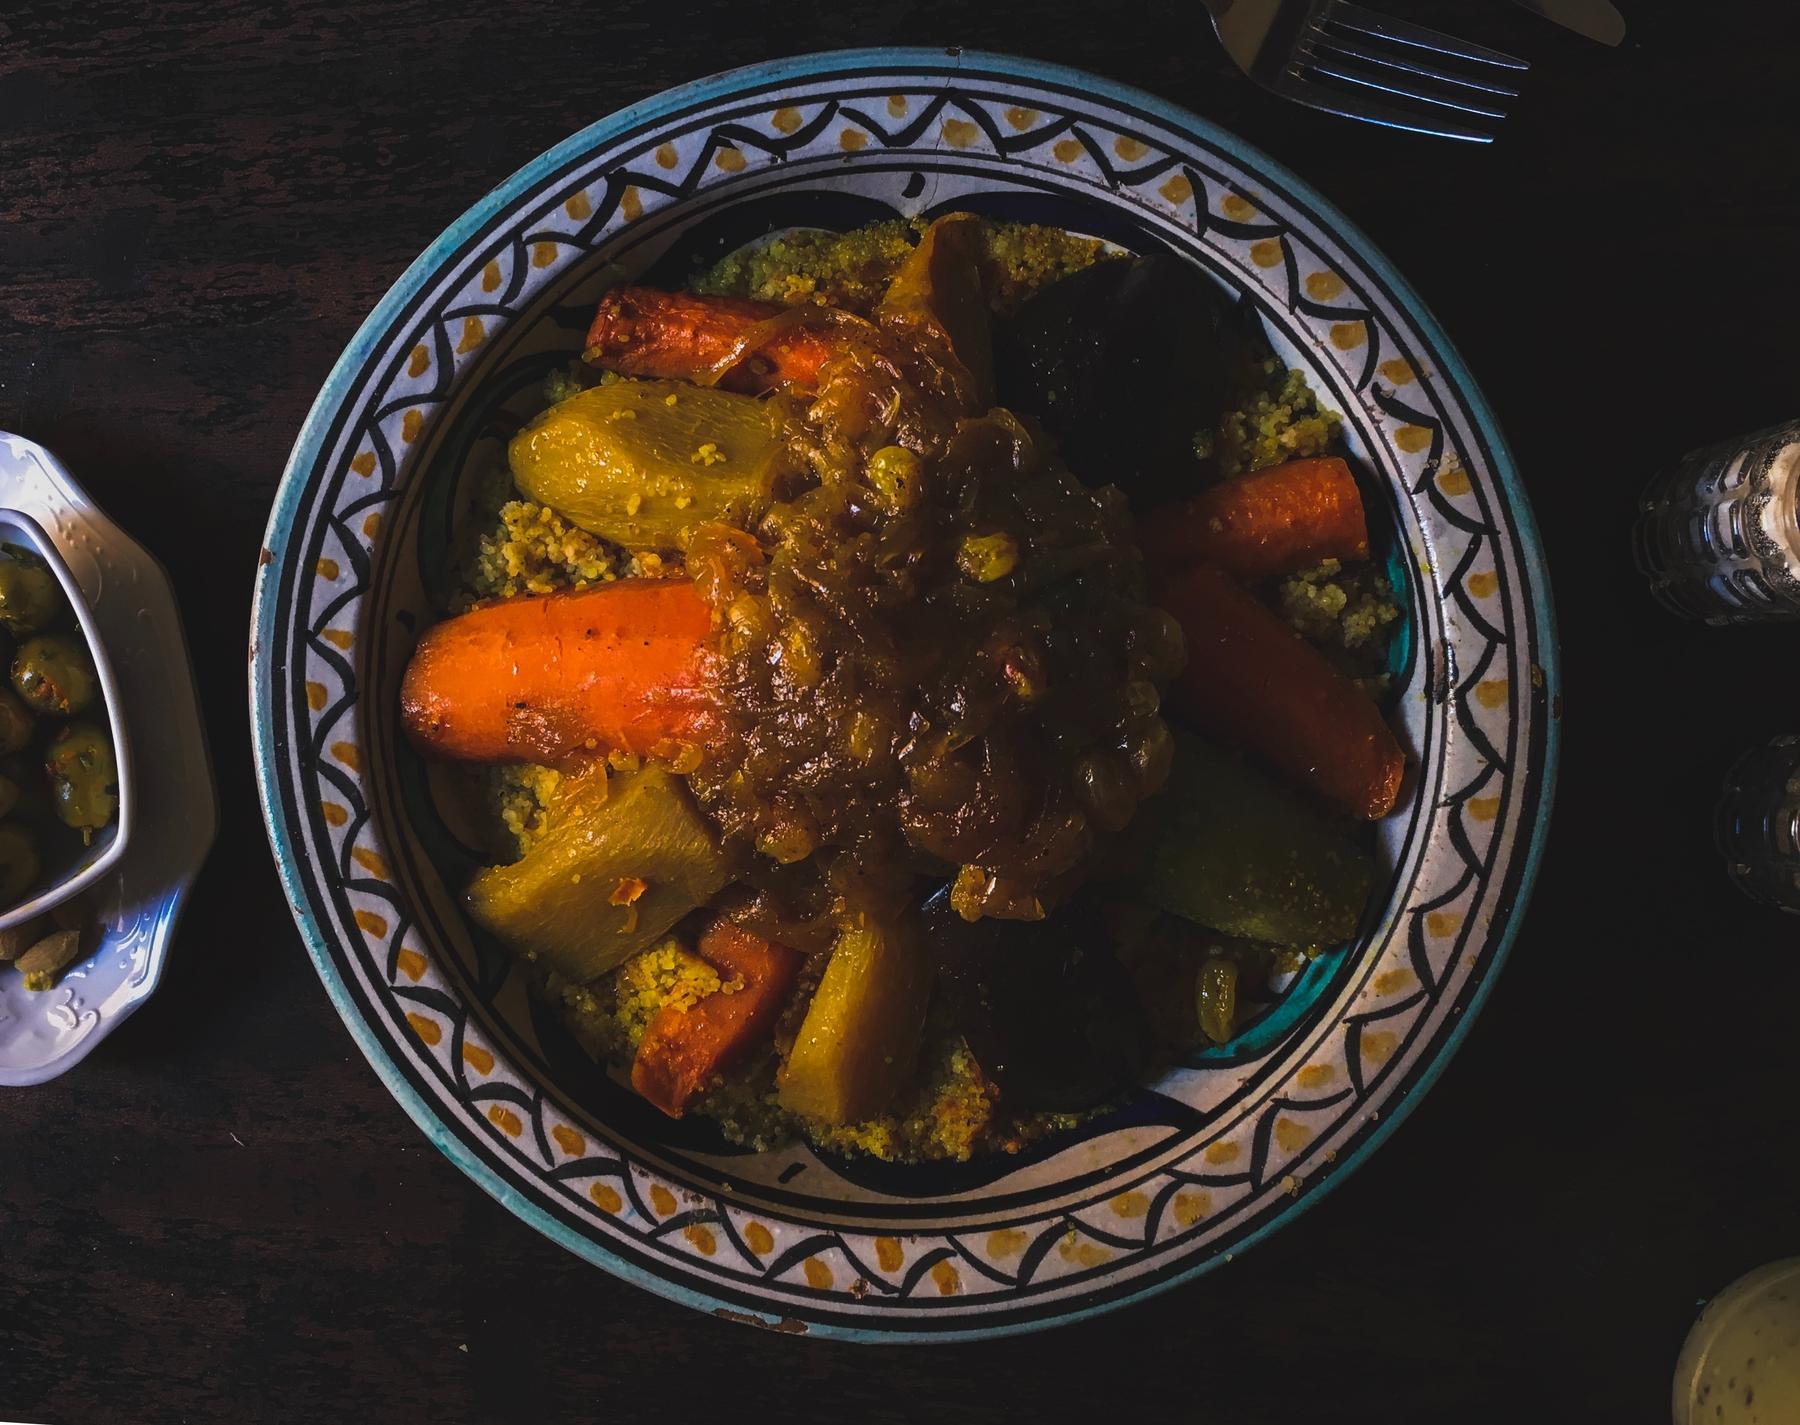 Marokkos Länder-Faktum ist, dass dort freitags traditionell Couscous-Tag ist, an dem sich die ganze Familie versammelt, um die köstliche Speise gemeinsam zu genießen.